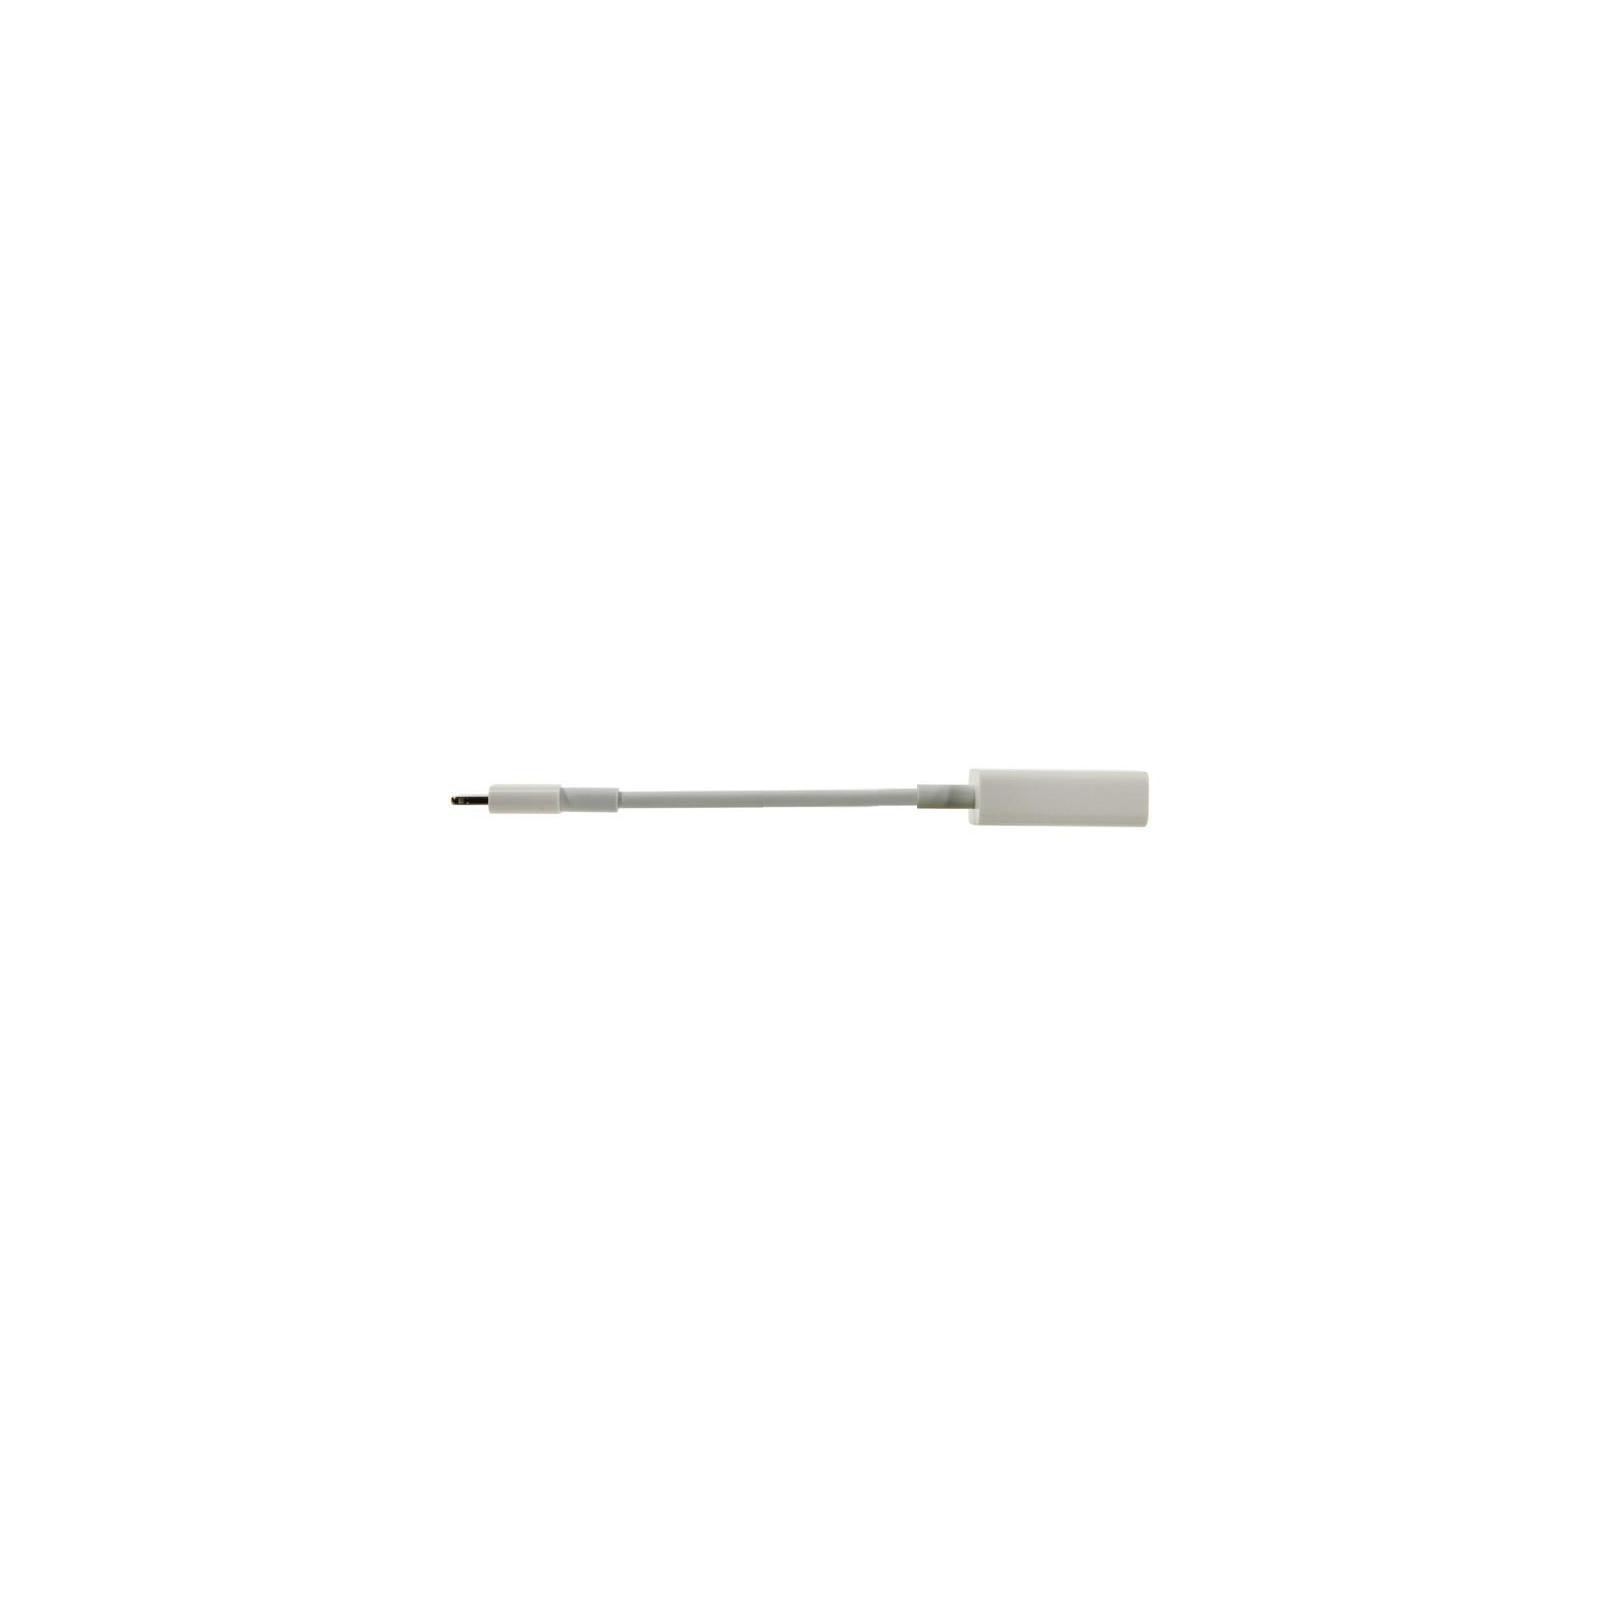 Переходник Apple Lightning to USB Camera для iPad (MD821ZM/A) изображение 4